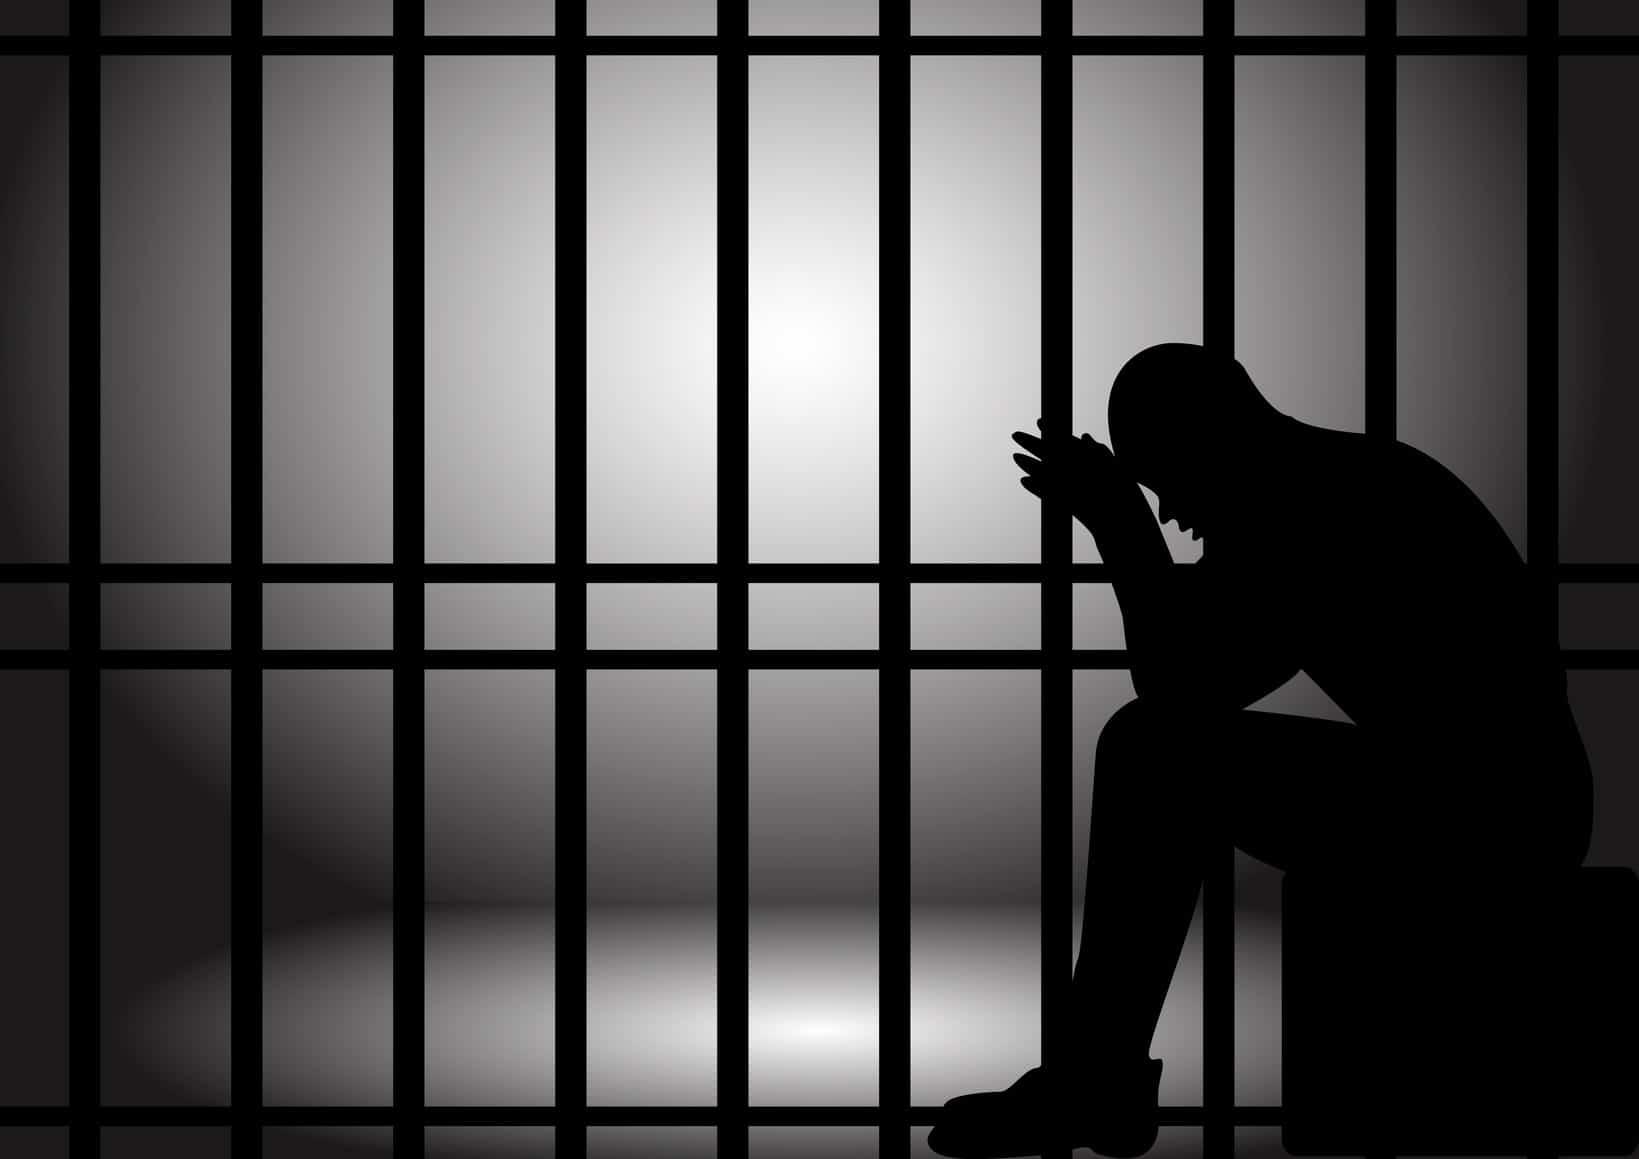 ضبطه أحد القضاة بمحكمة تونس في وضع مريب …4اشهر سجنا في حق ضابط متقاعد بوزارة الداخلية…